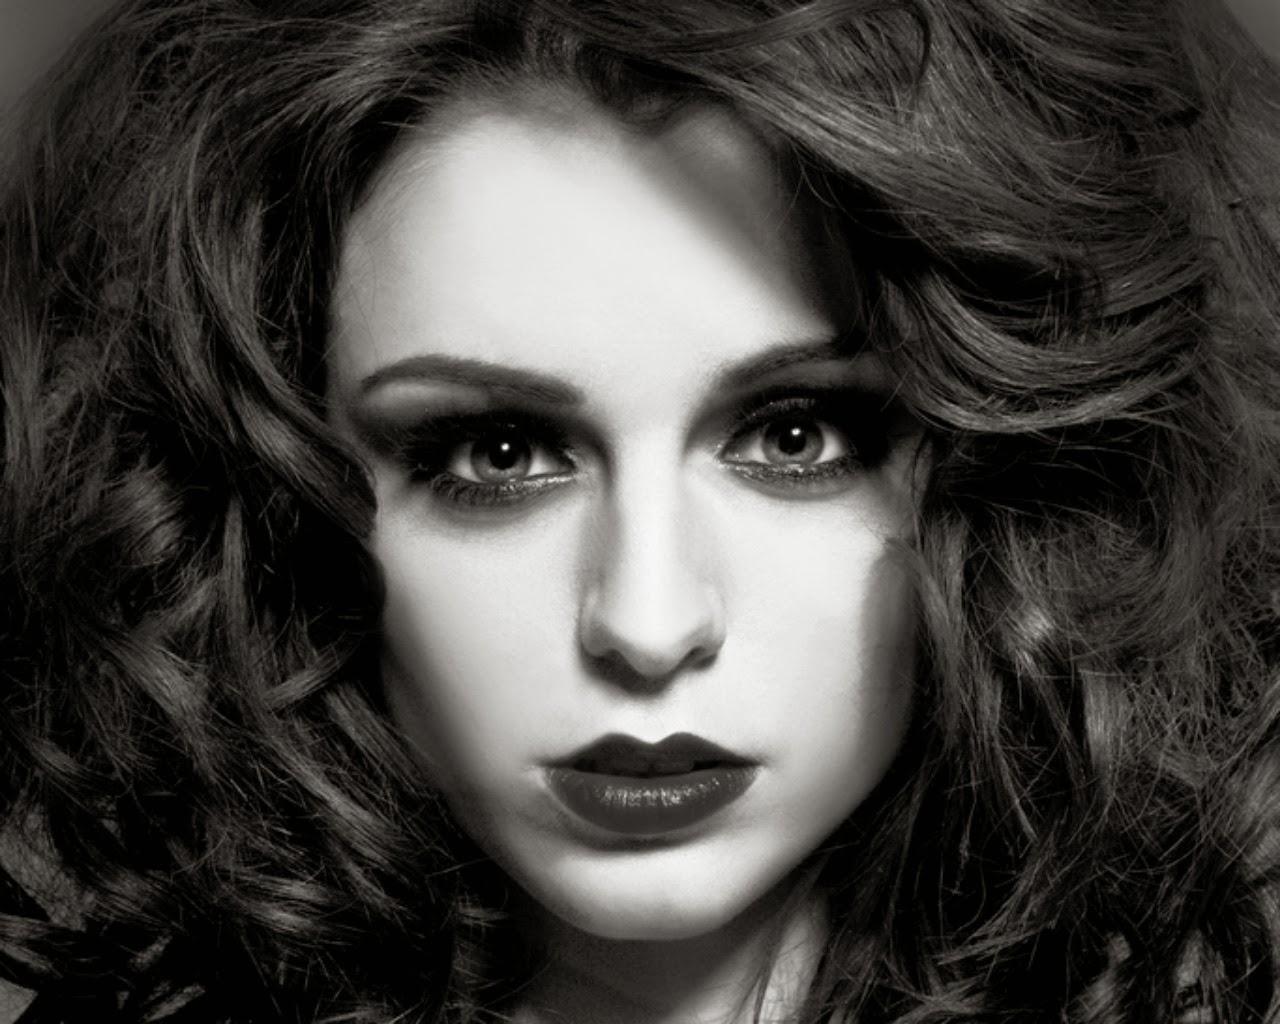 Beautiful Girl Live Wallpaper Hd Cher Lloyd 4u Hd Wallpaper All 4u Wallpaper